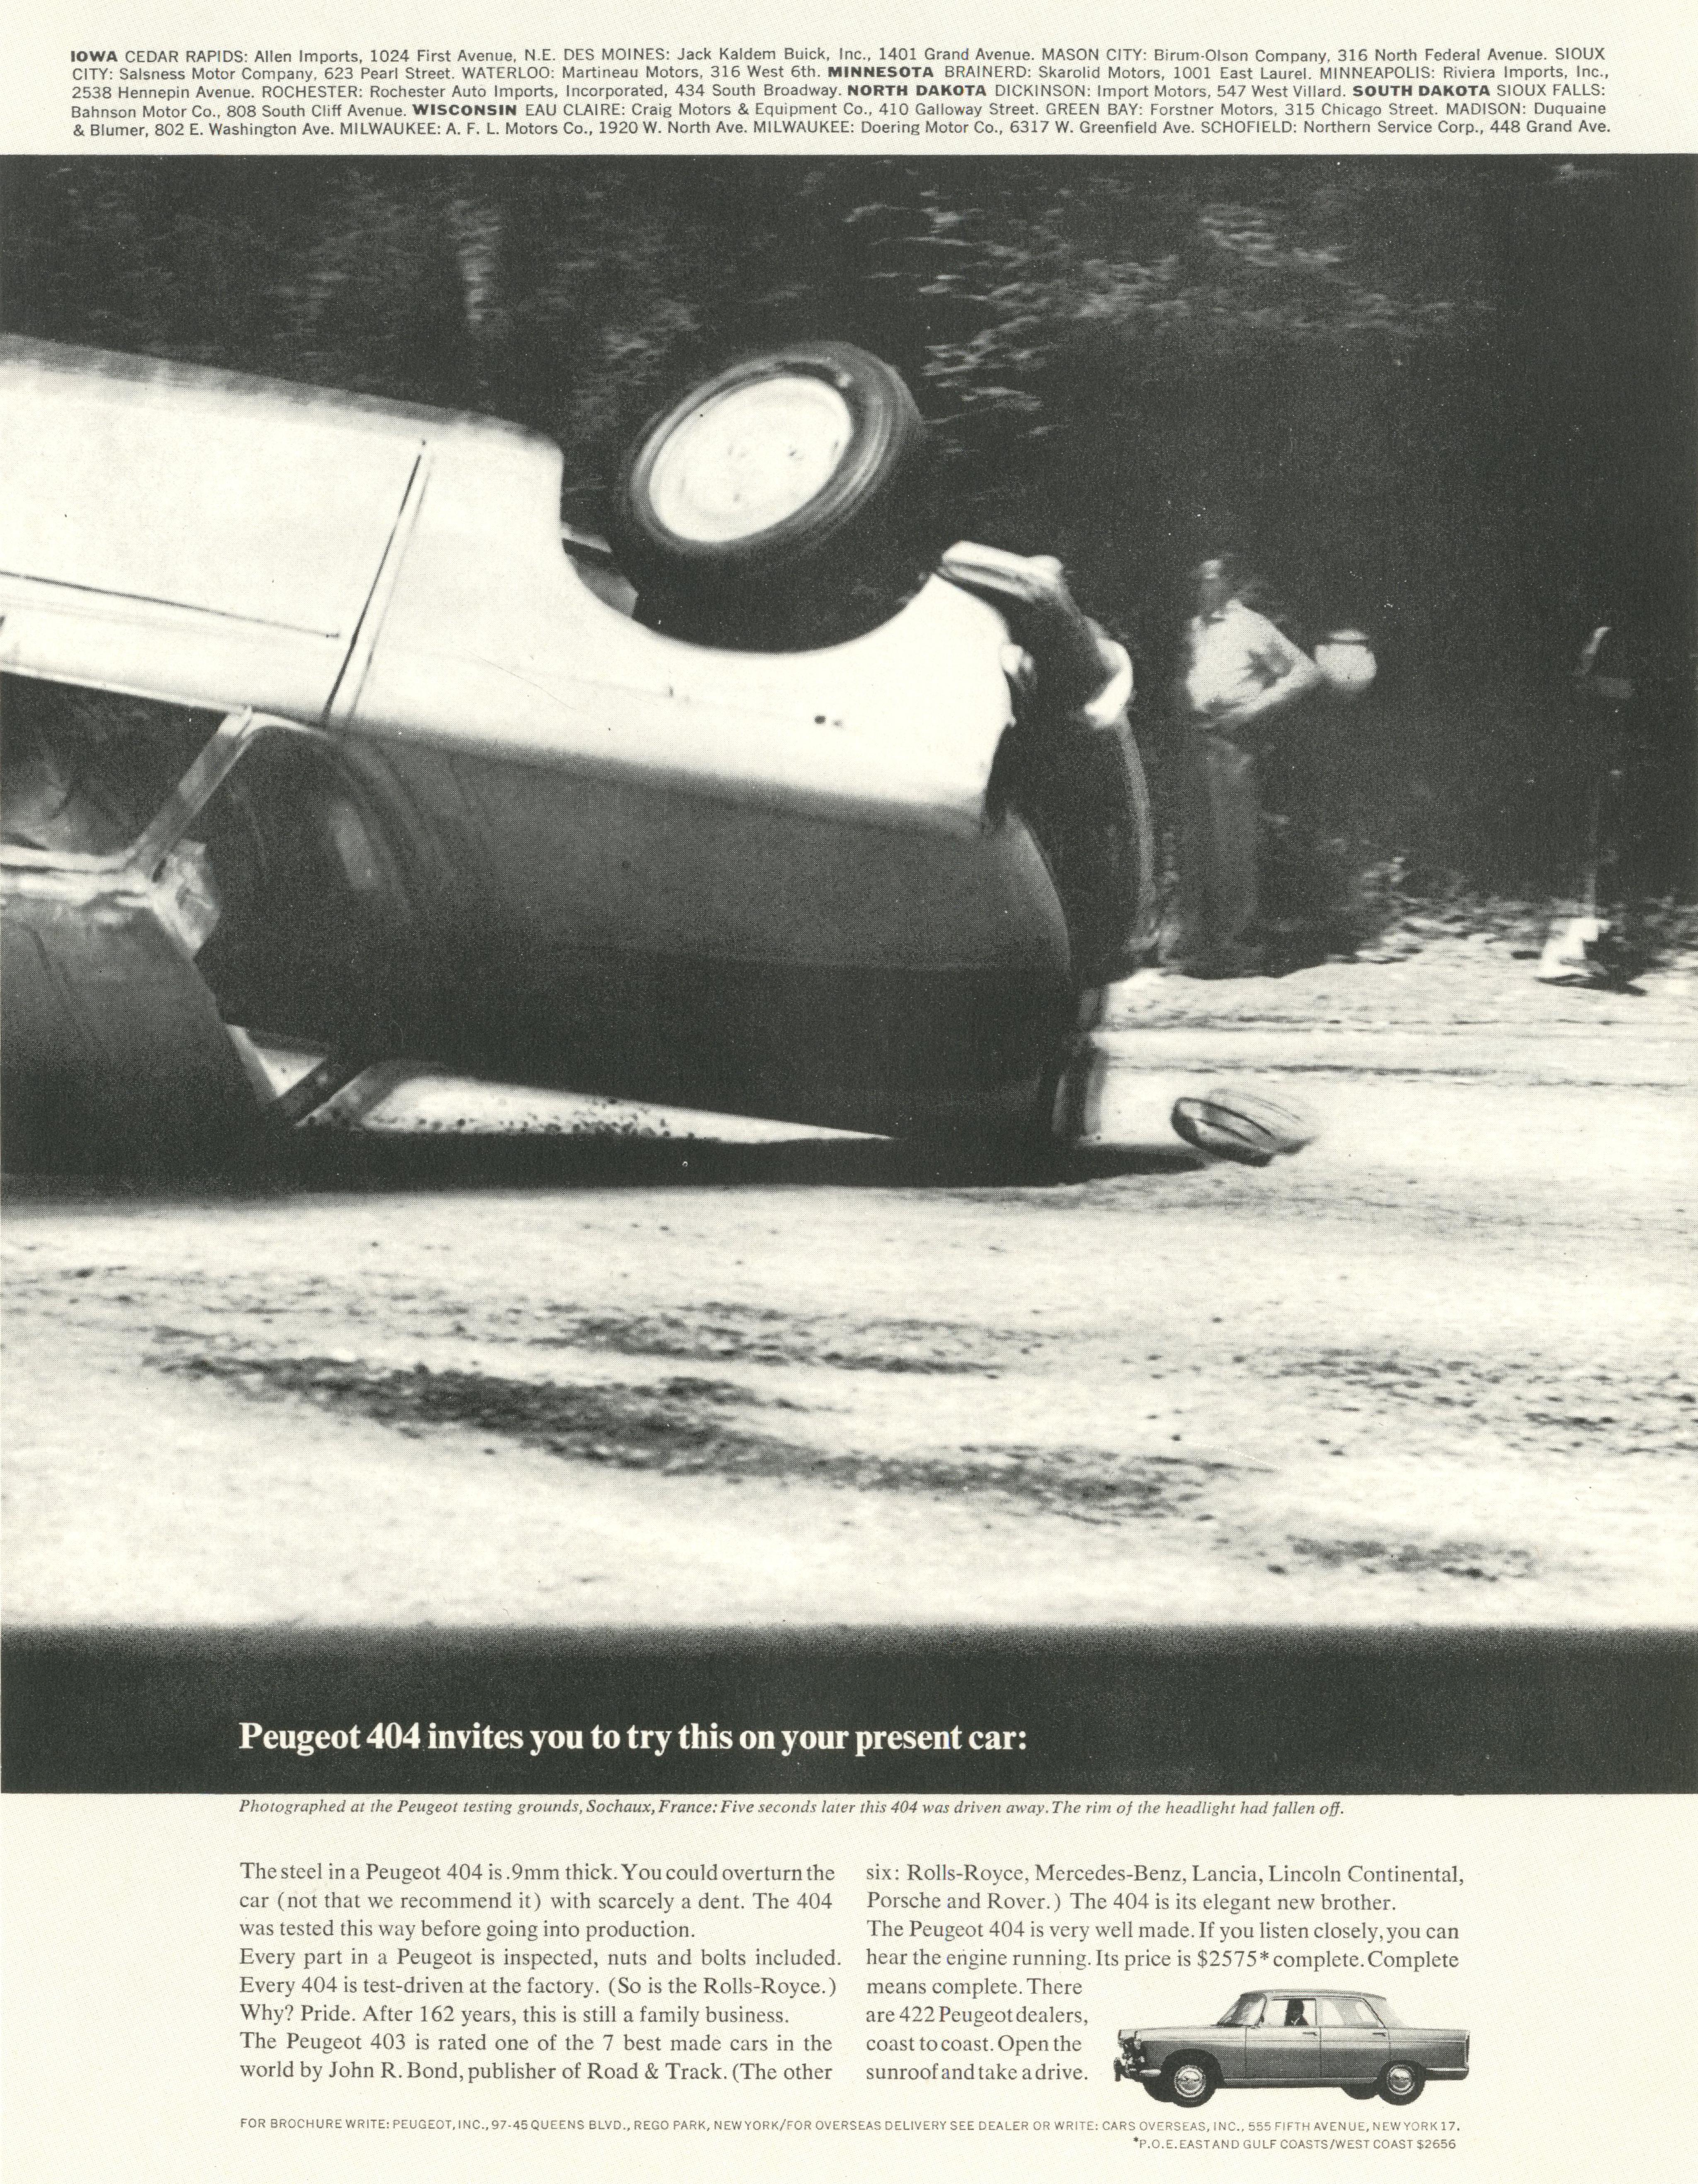 PKL2; Peugeot 'Present Car'-01